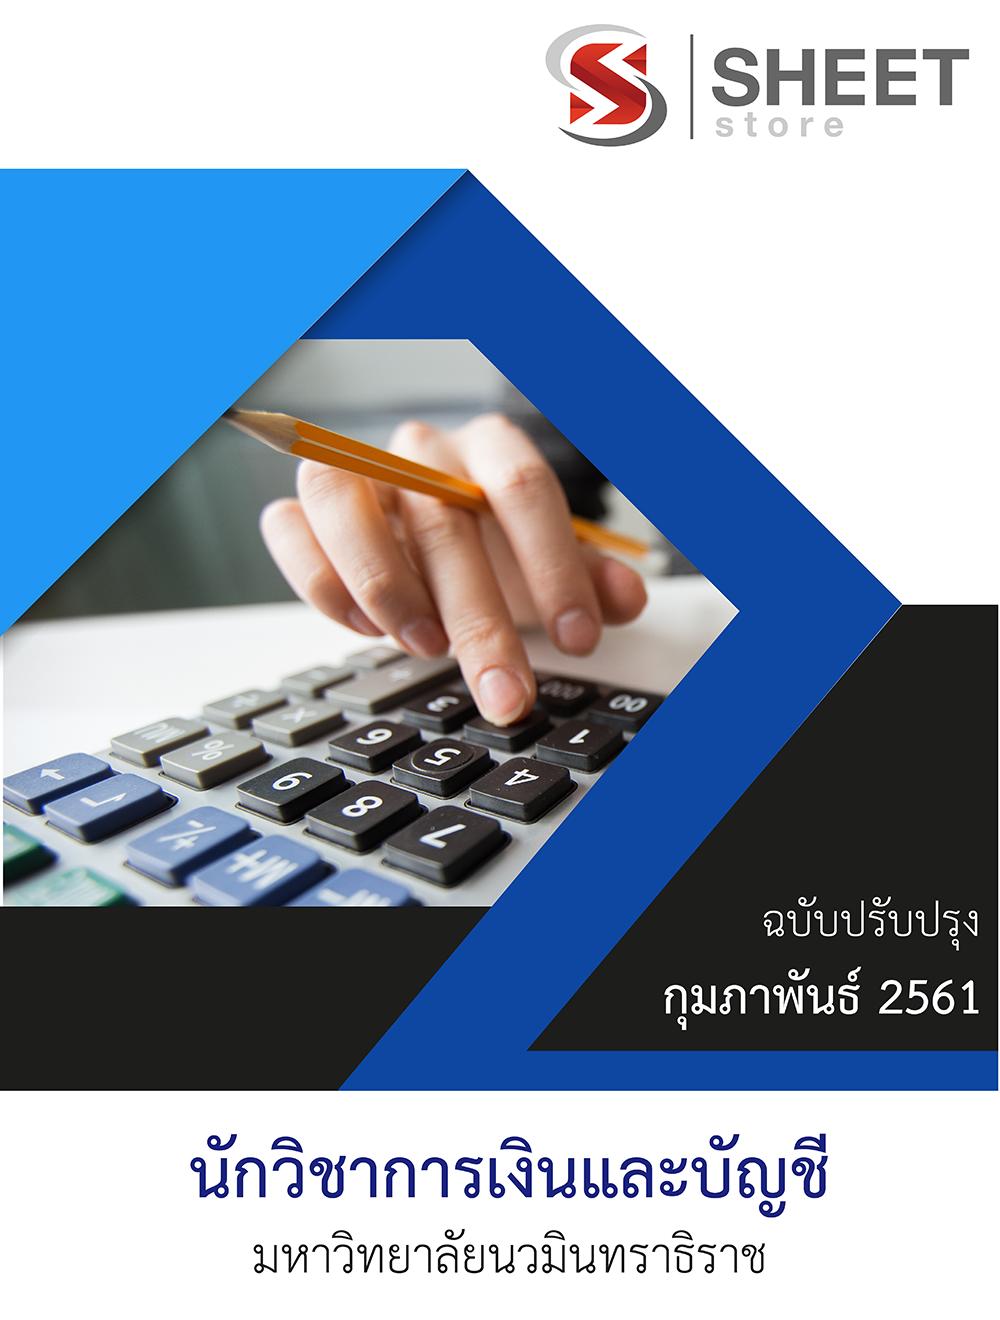 แนวข้อสอบ นักวิชาการเงินและบัญชี มหาวิทยาลัยนวมินทราธิราช (พร้อมเฉลย)